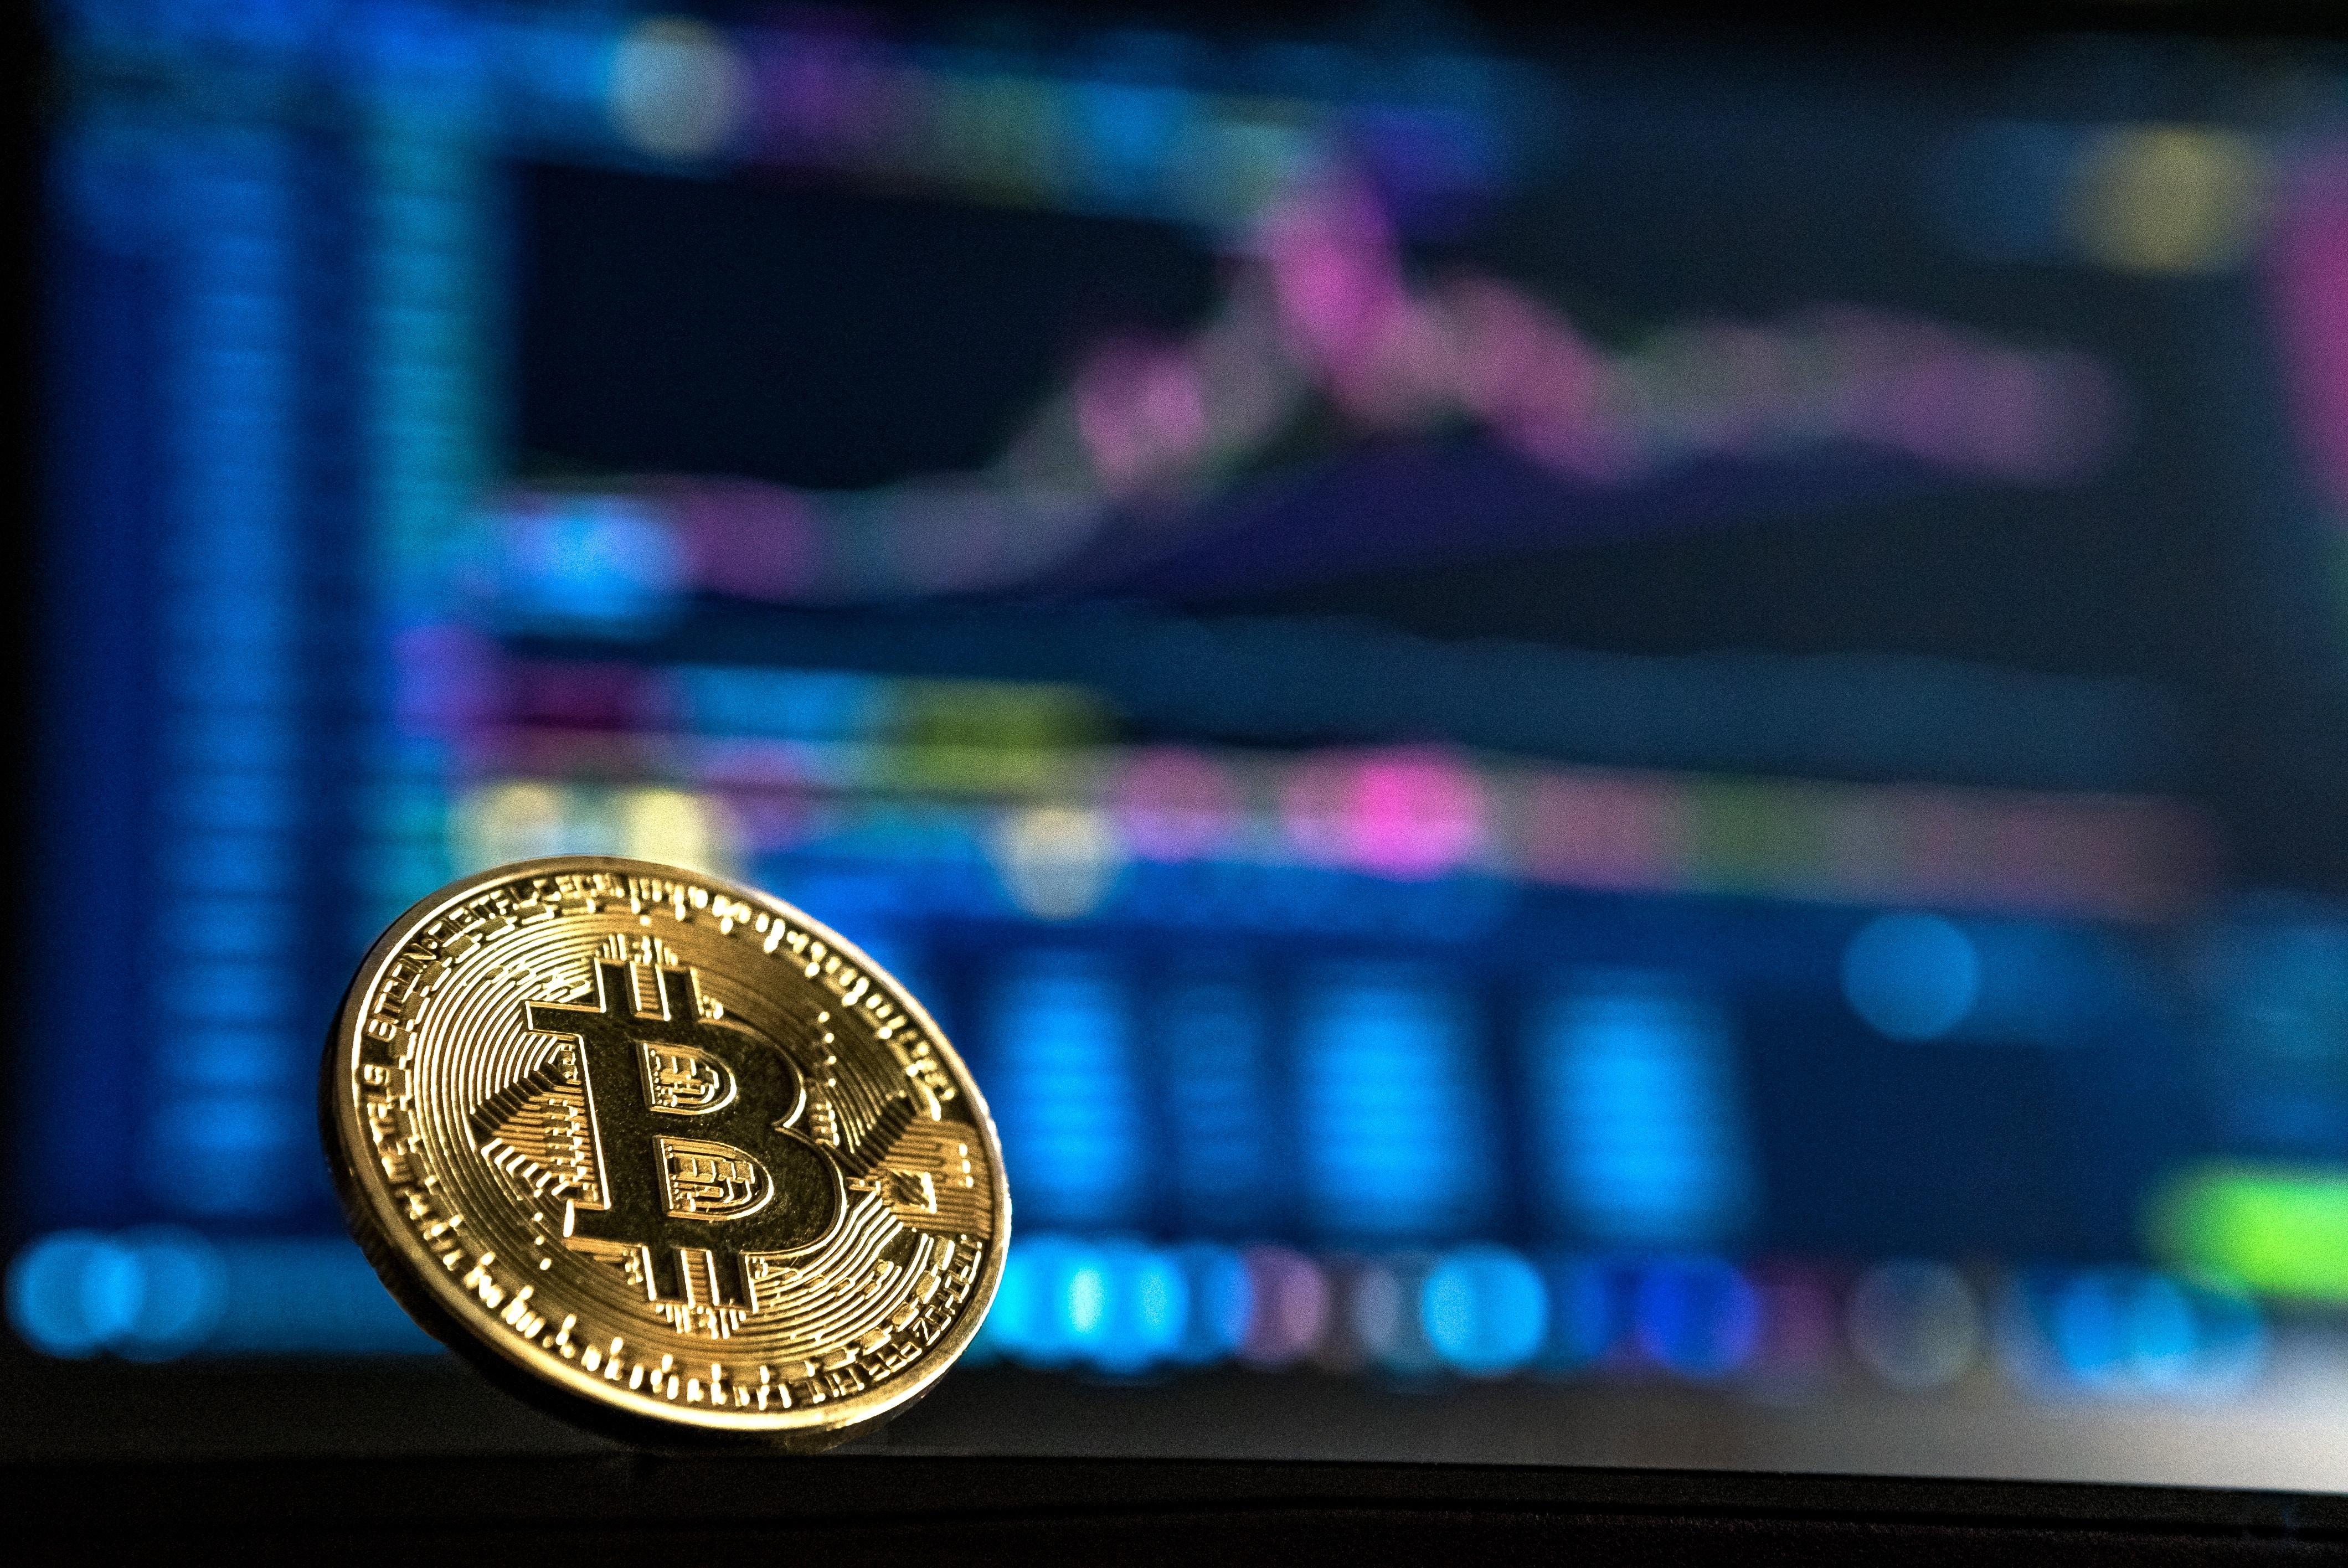 Blockchainowe Podsumowanie Dnia – 3 kwietnia 2019r.